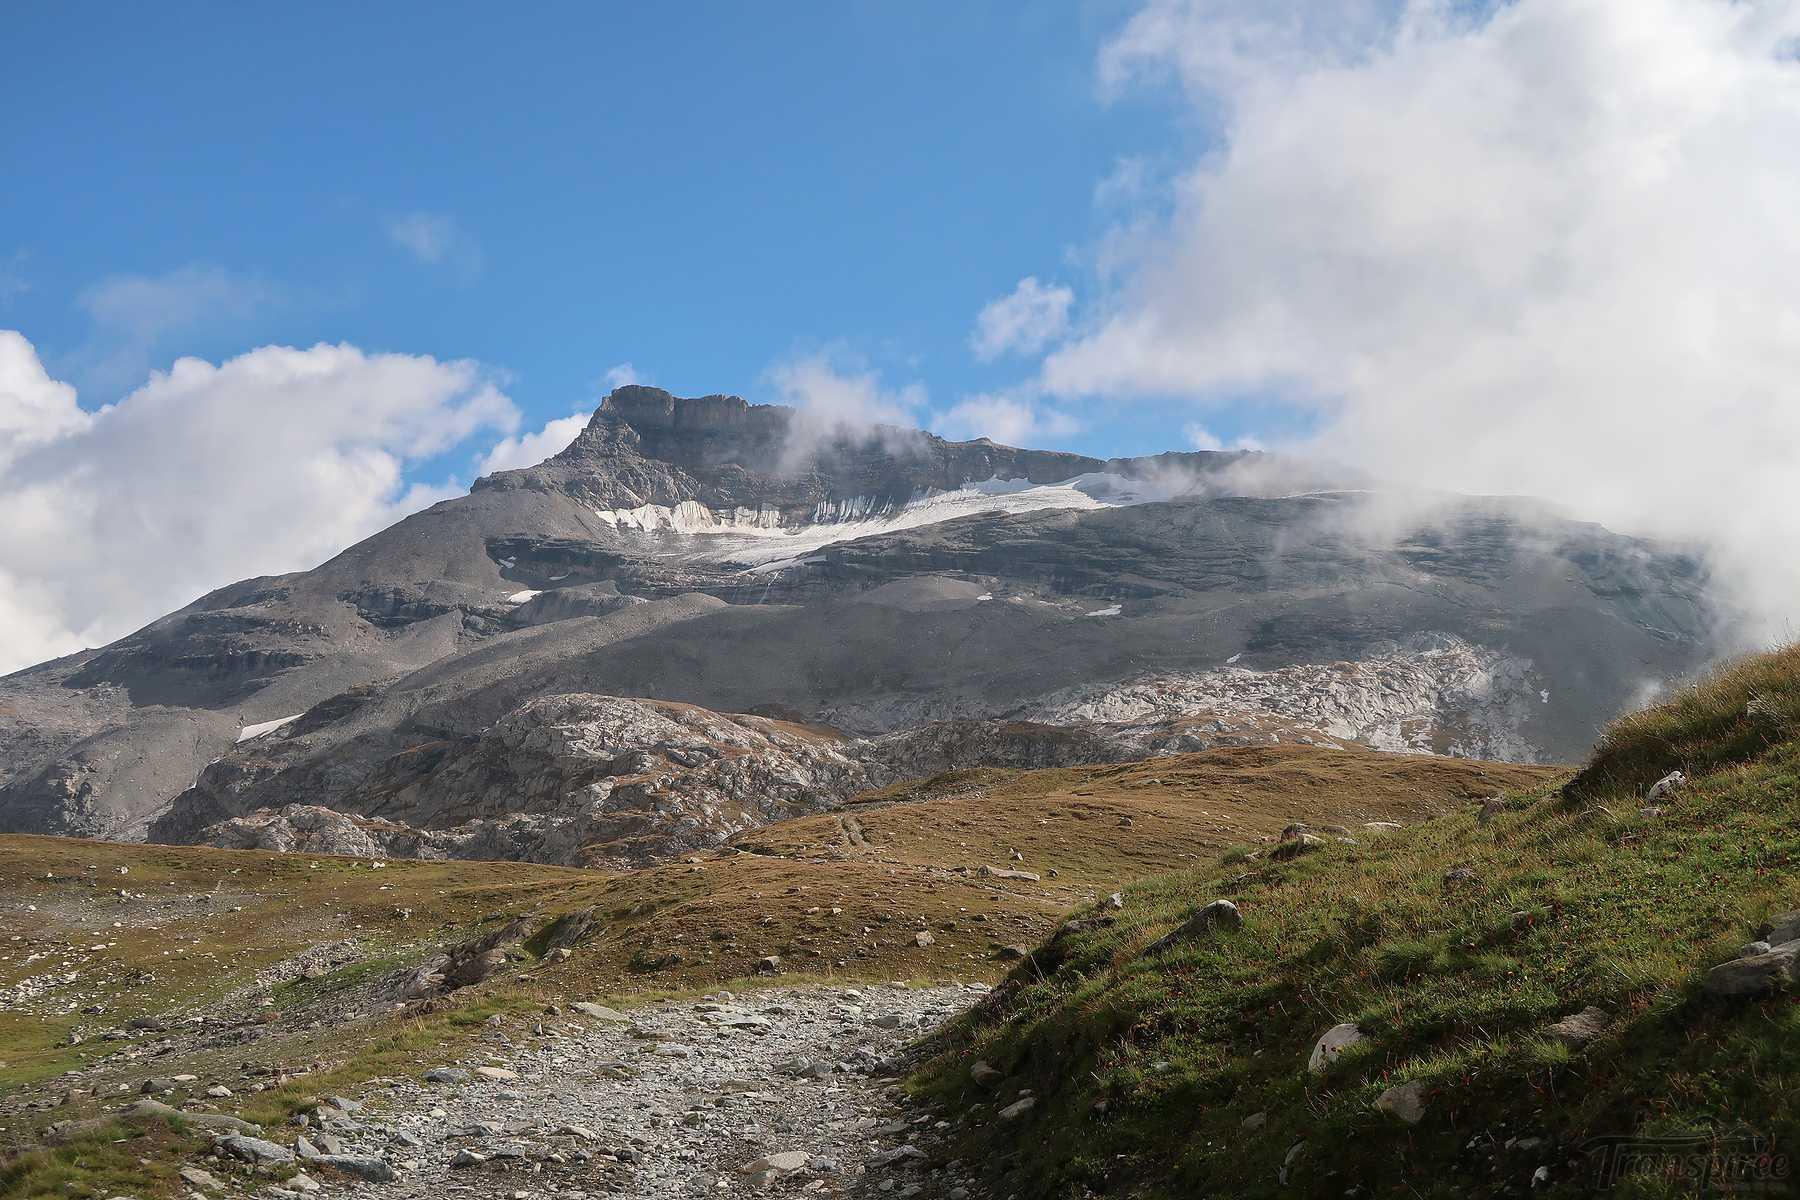 Randonnée au col de la Vanoise depuis Pralognan. Retour par Arcelin